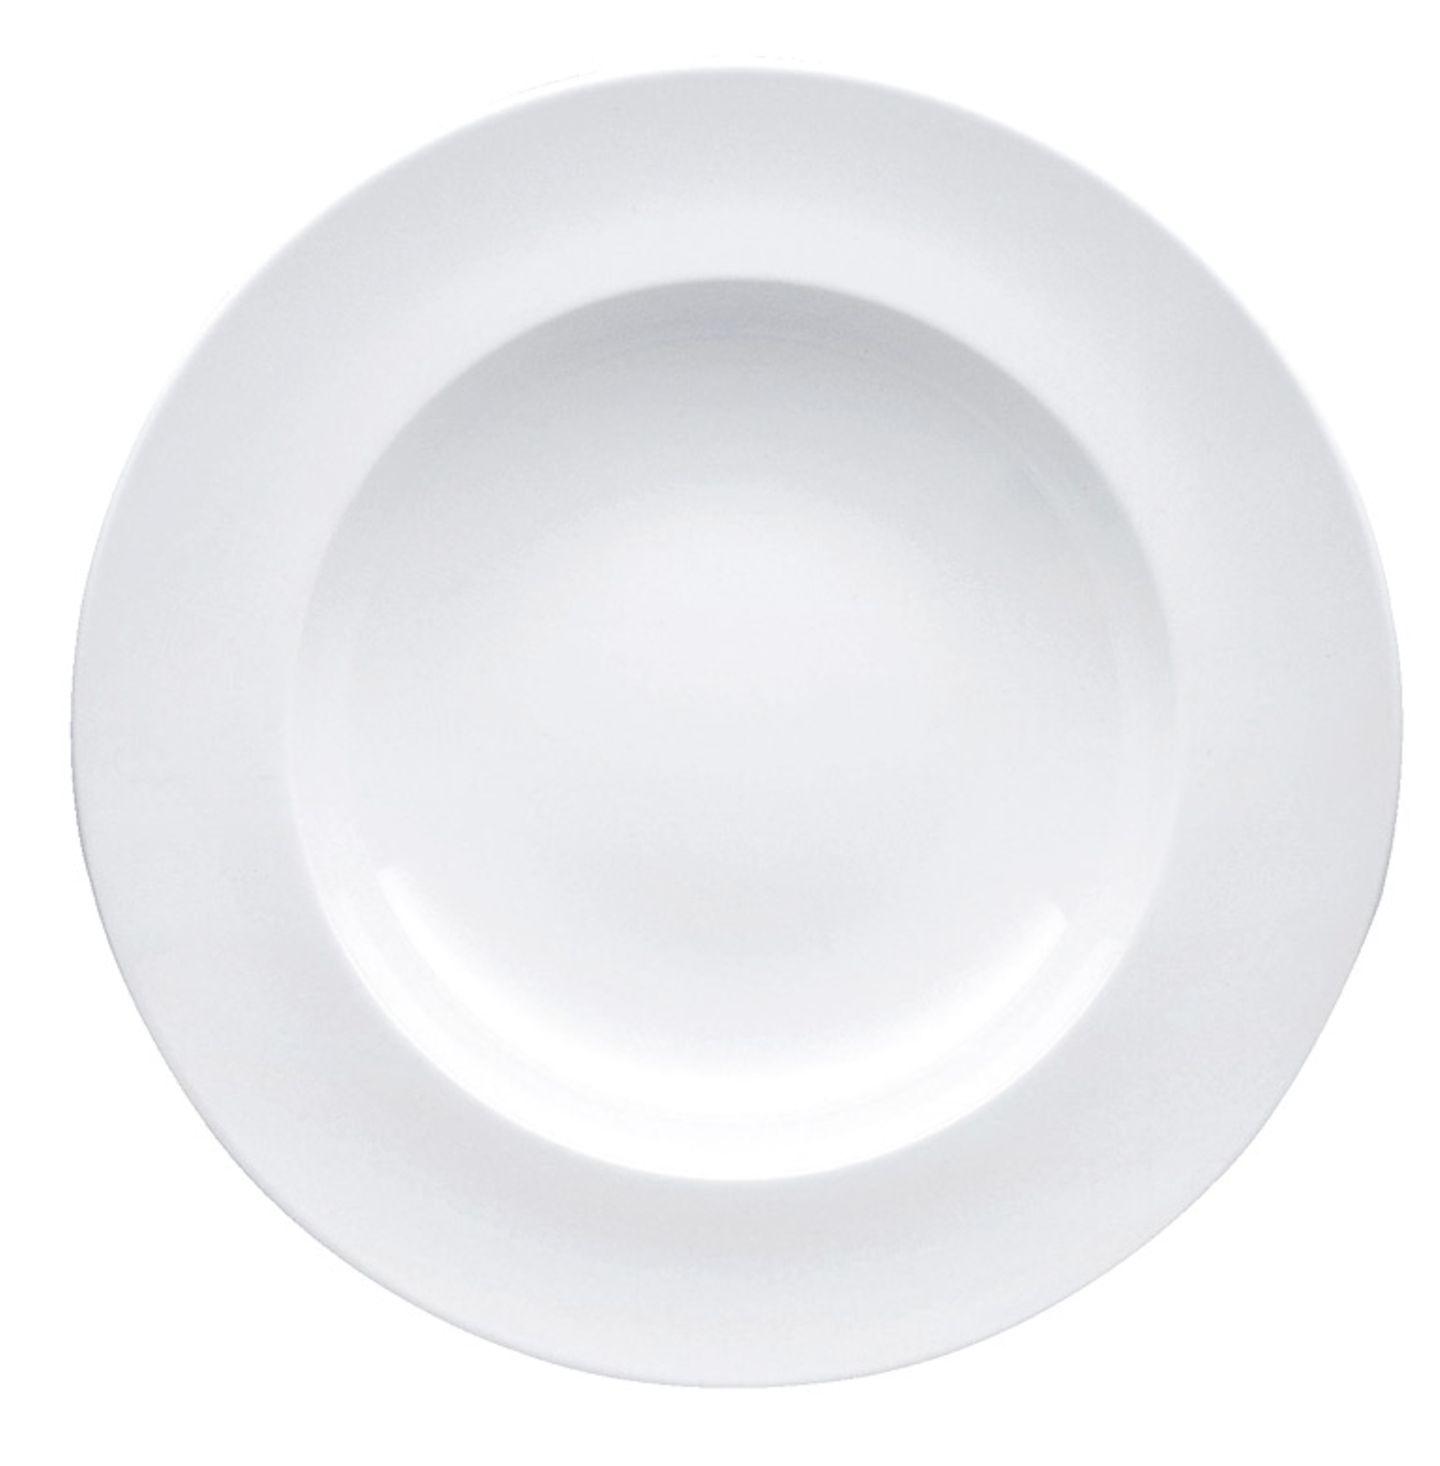 """Mediterrane Gastlichkeit: Pastateller """"Amici"""" von Rosenthal"""